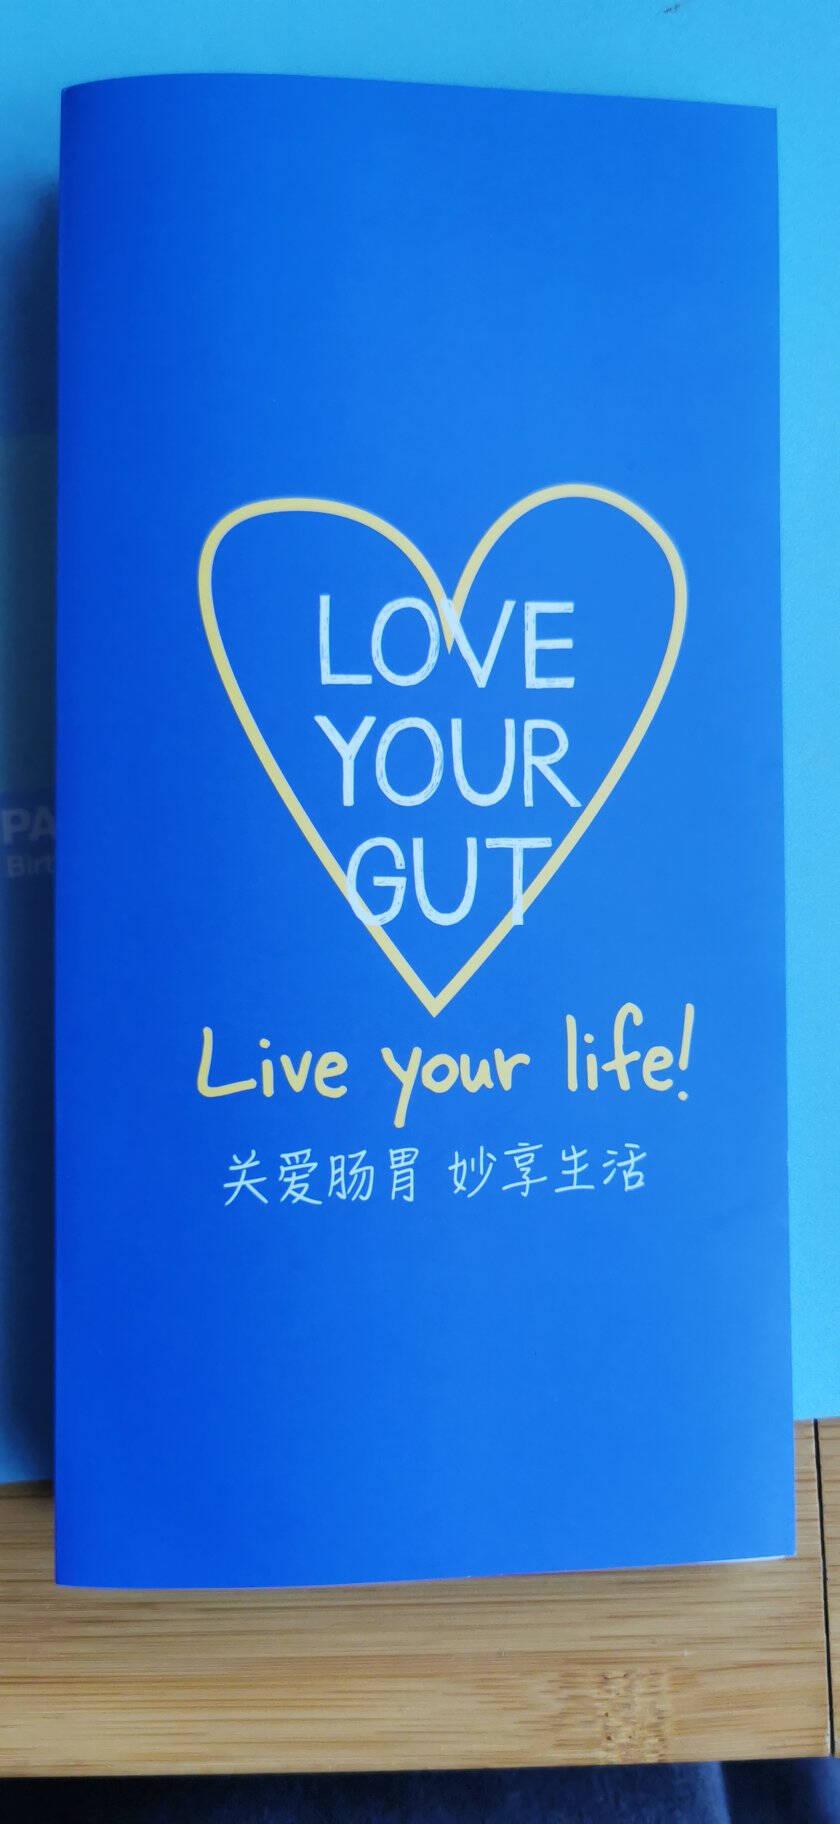 澳洲NC养胃粉NutritionCare舒缓胃不适肠胃调理养胃食品进口胃散益生菌伴侣成人150g